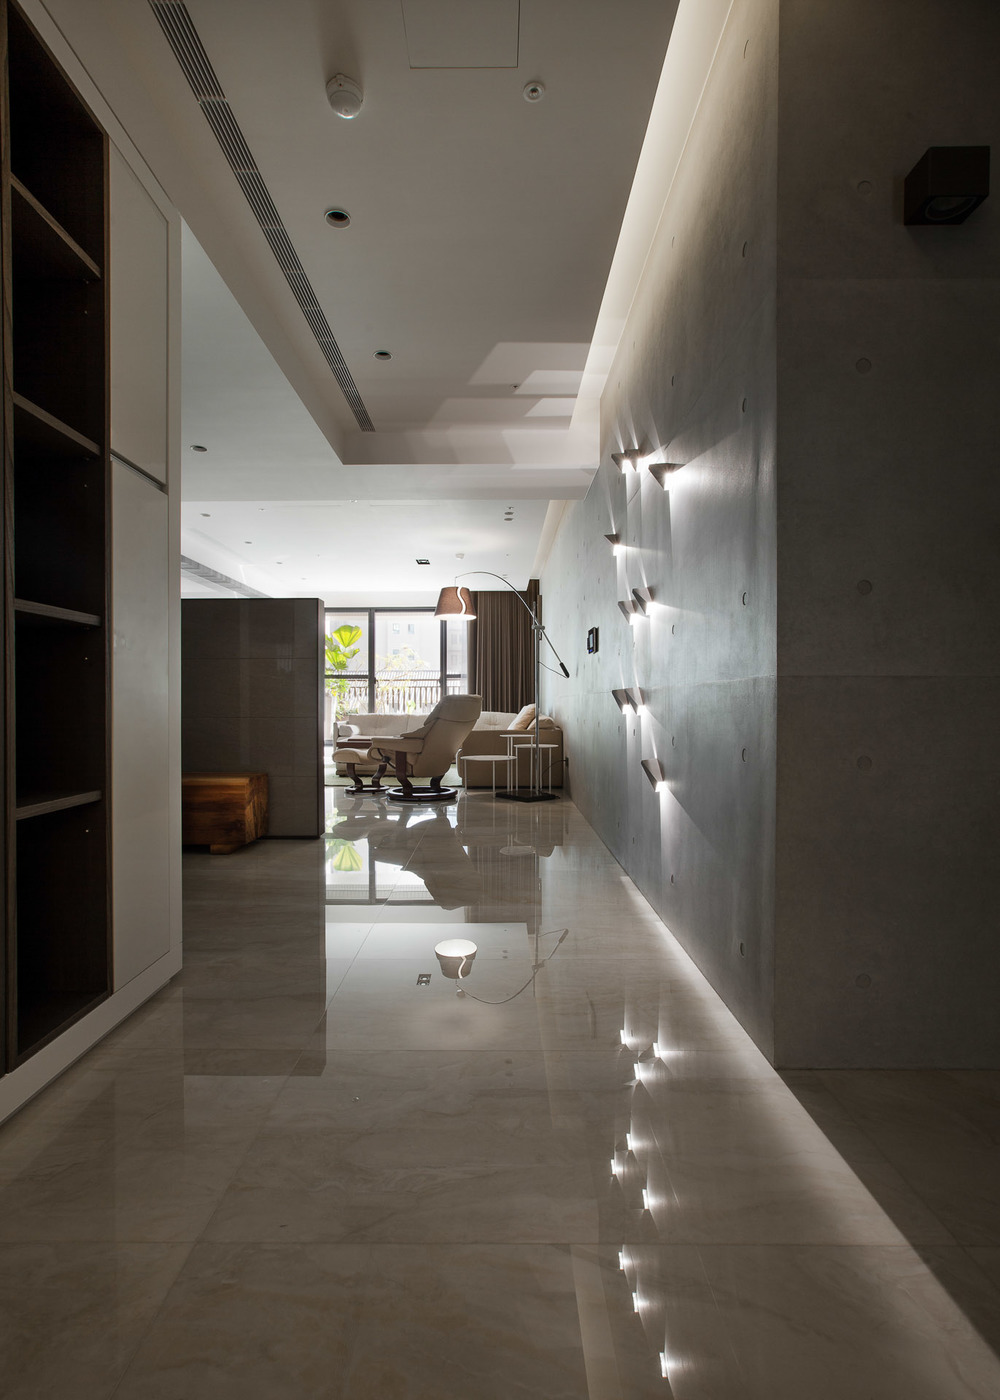 Interior-002-2.jpg